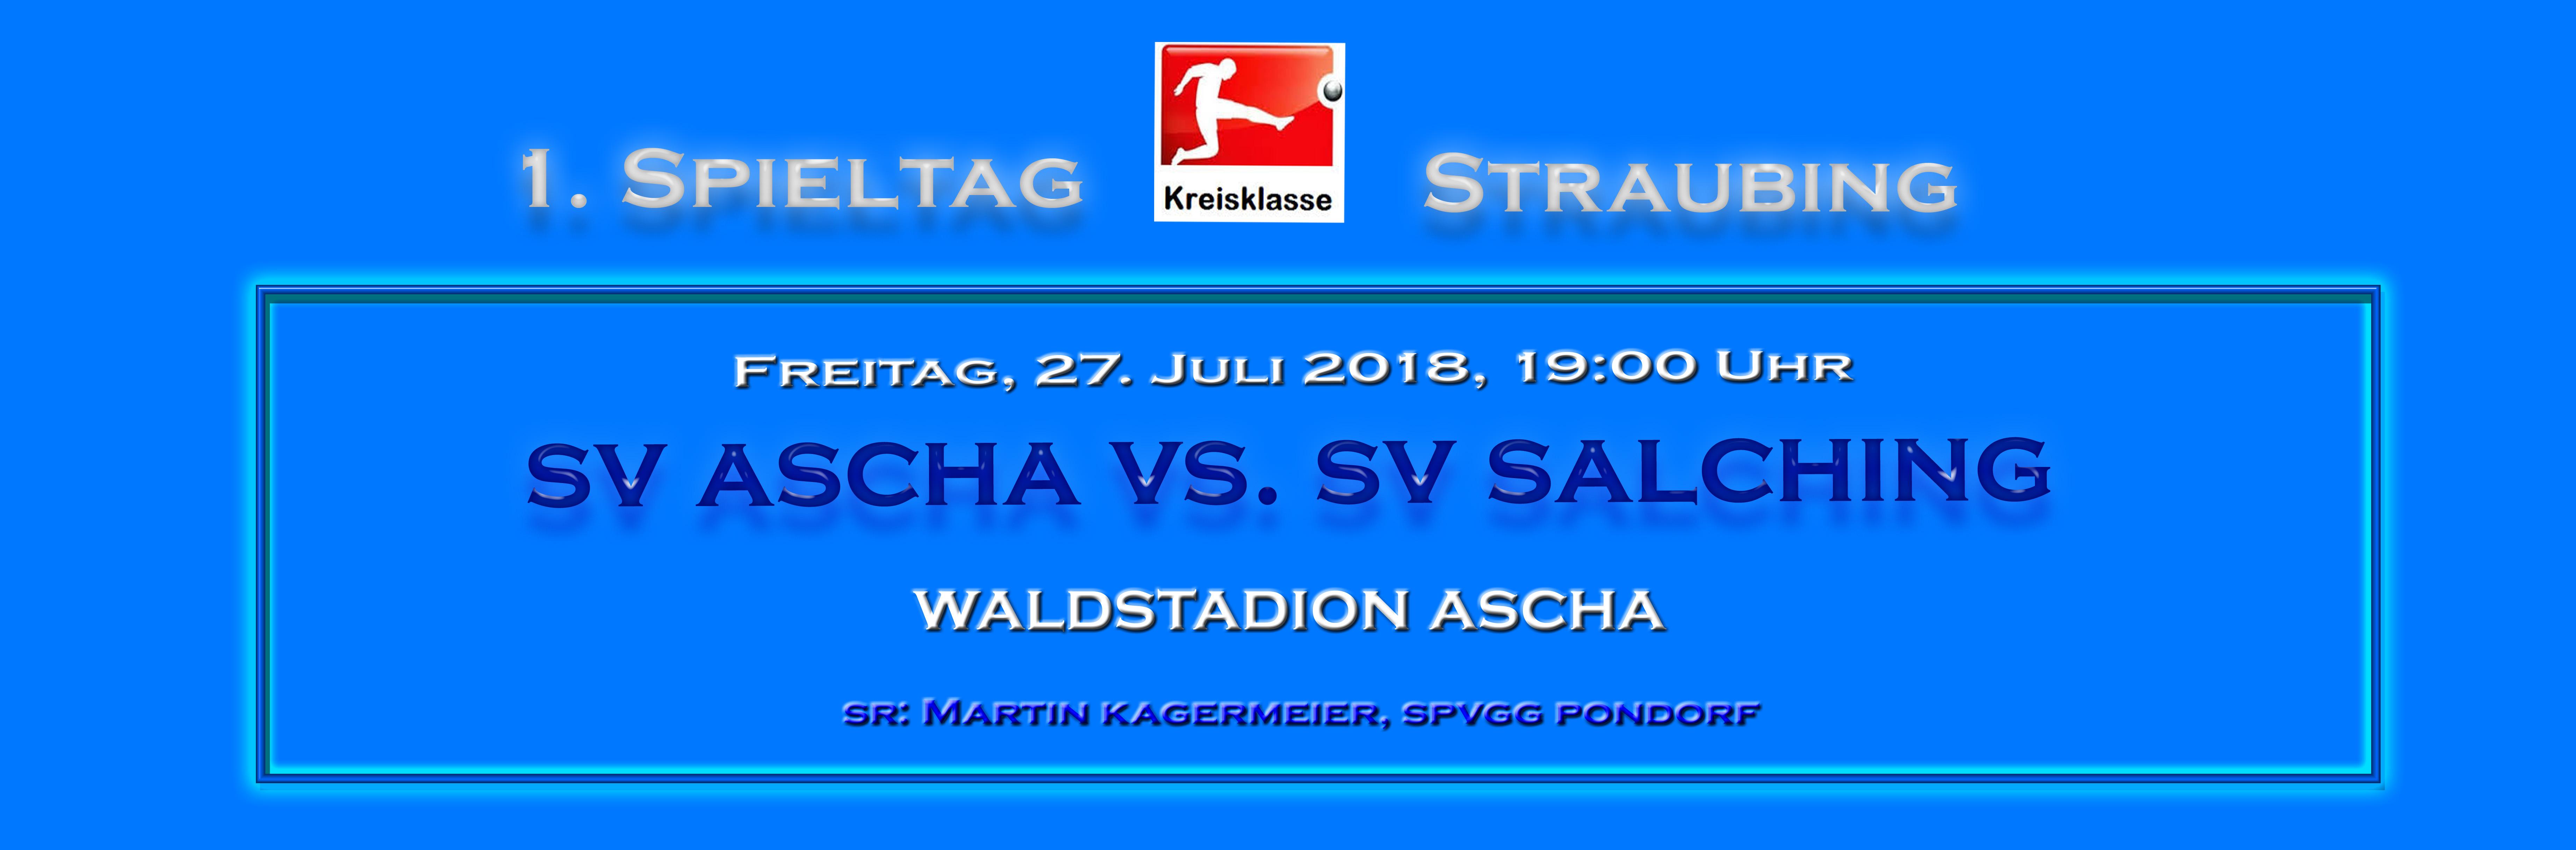 Vorschau- SV Ascha -SV Salchiing 2018-1 Kopie